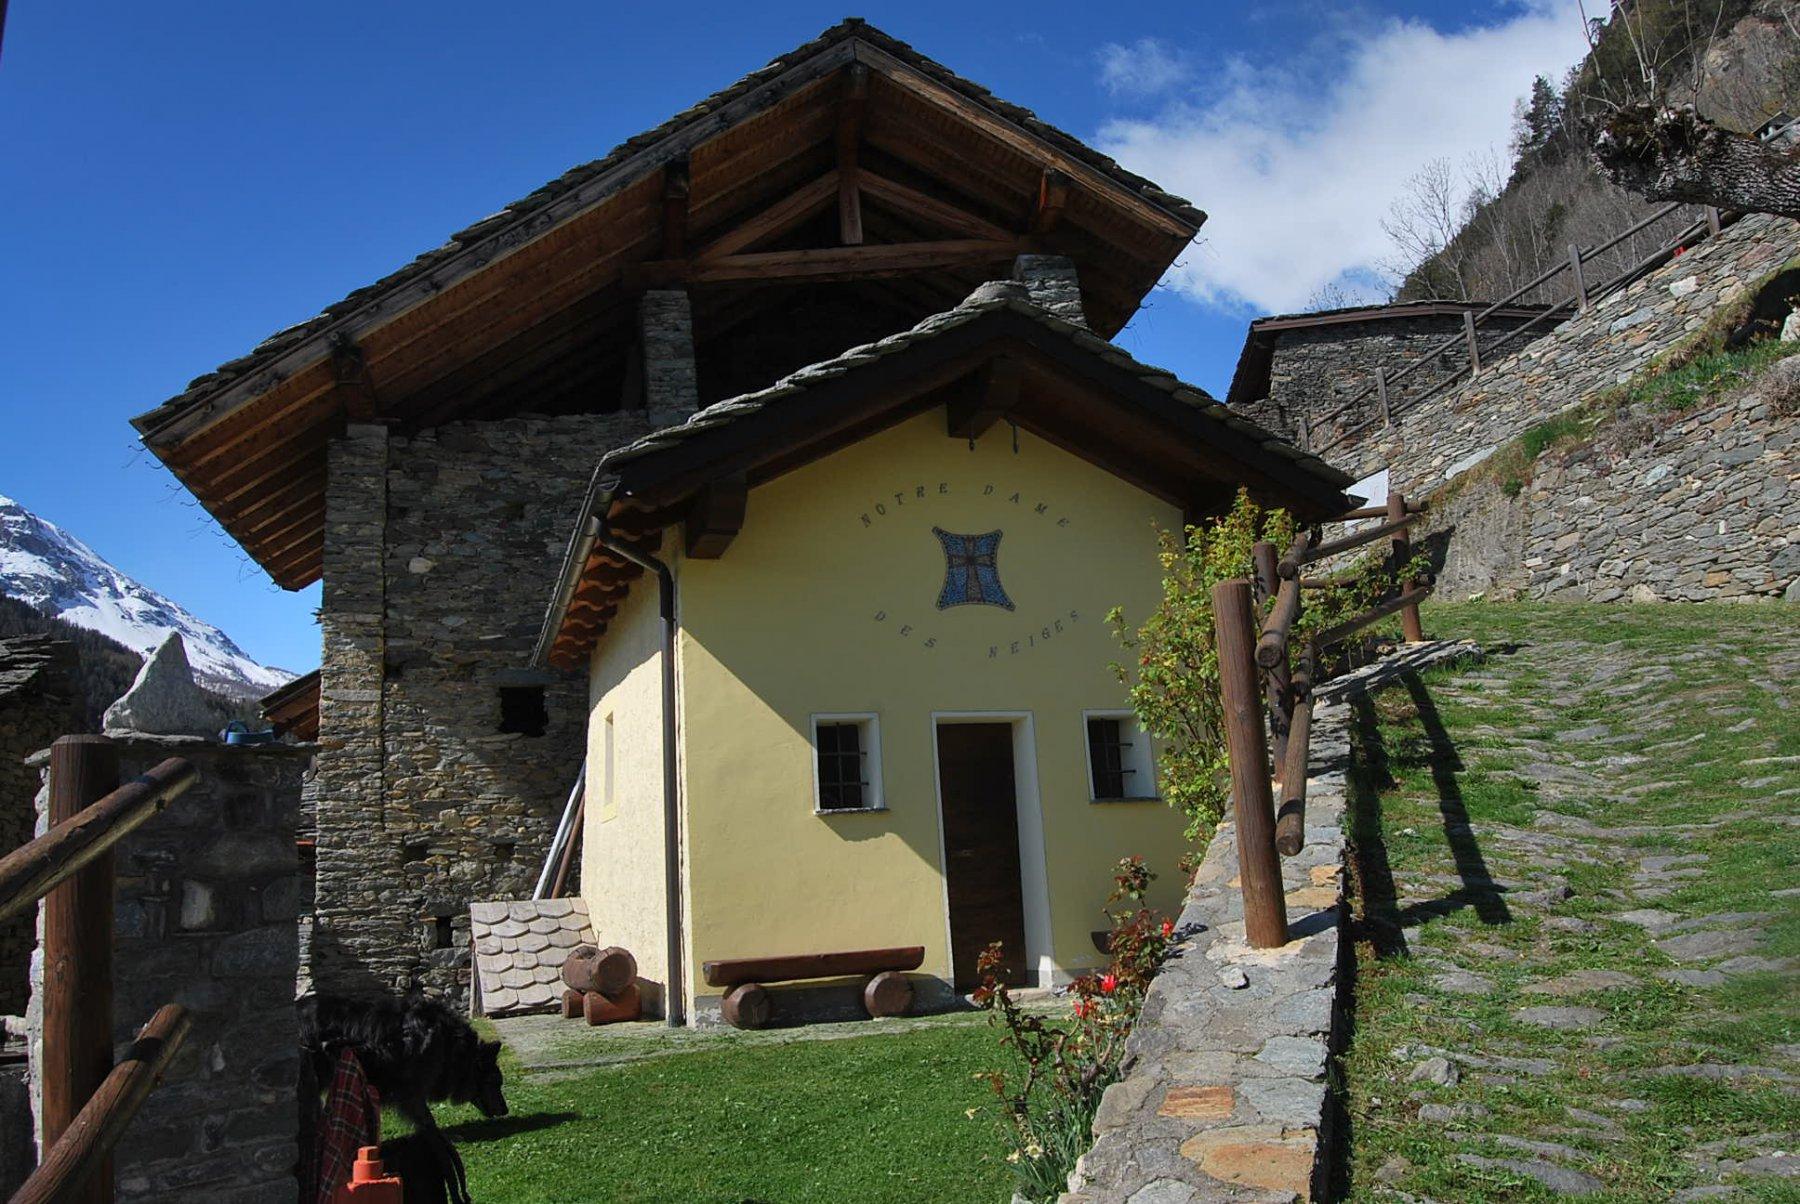 L'arrivo a Baise Pierre, alla ristrutturata chiesetta della Madonna delle Nevi